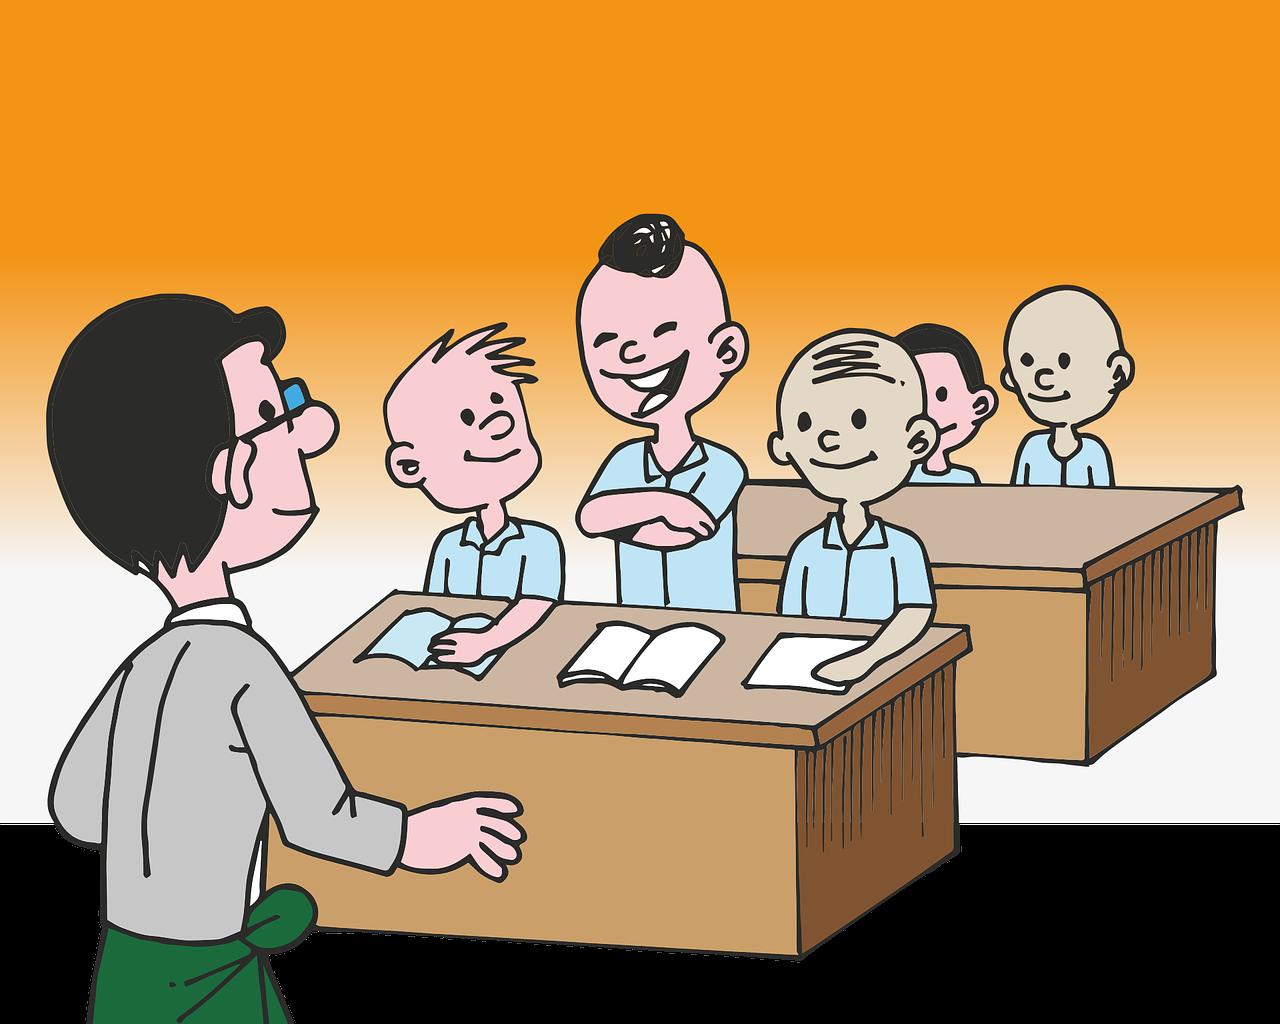 【授業中・テスト中にお腹が鳴らない方法 4選】完璧!!効果的な対処法を紹介!